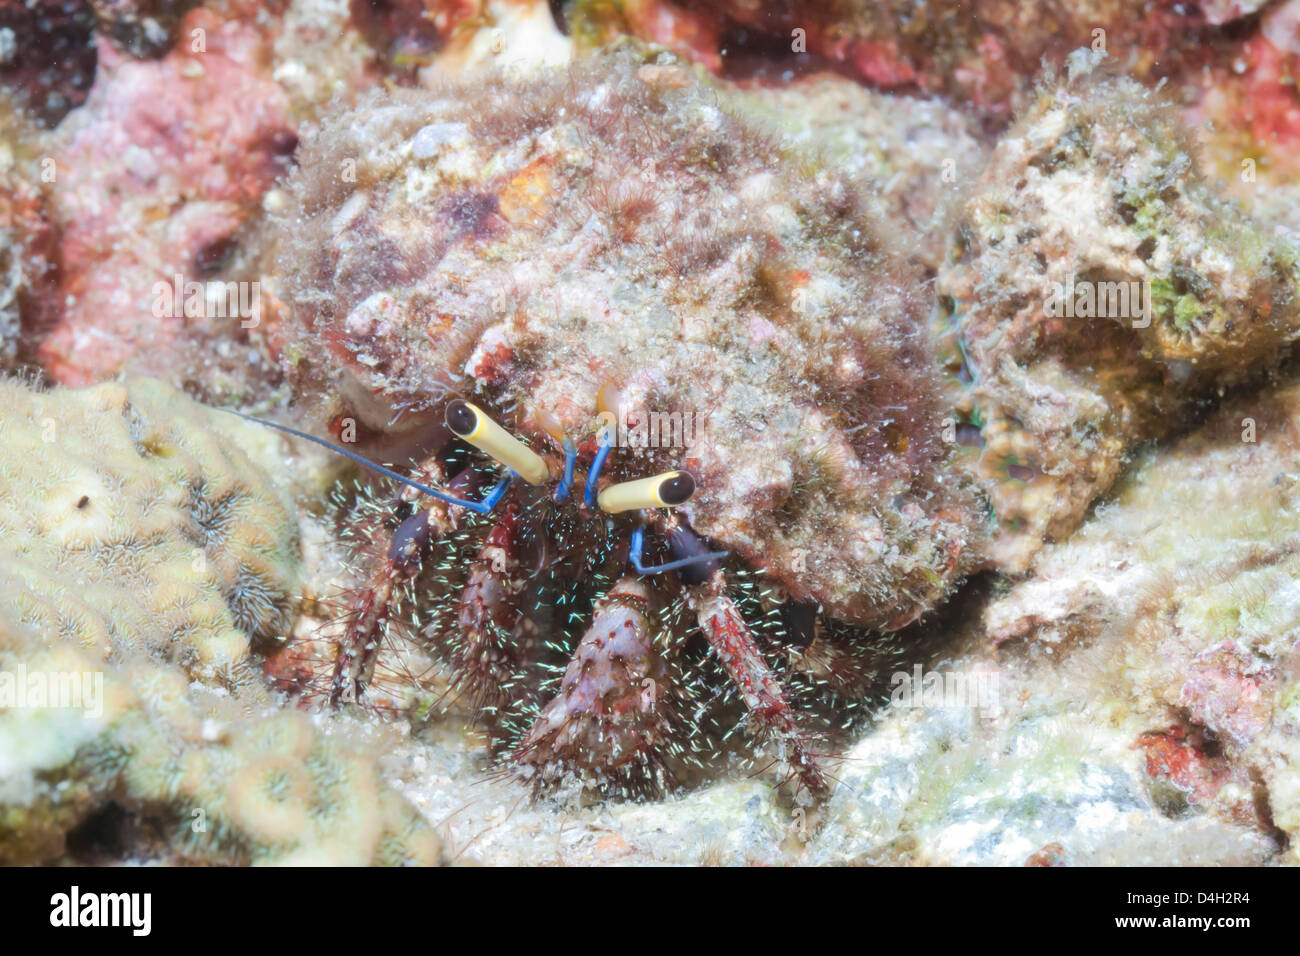 Hairy eremita granchi (Aniculus elegans), nel sud della Thailandia, sul Mare delle Andamane, Oceano Indiano, sud Foto Stock